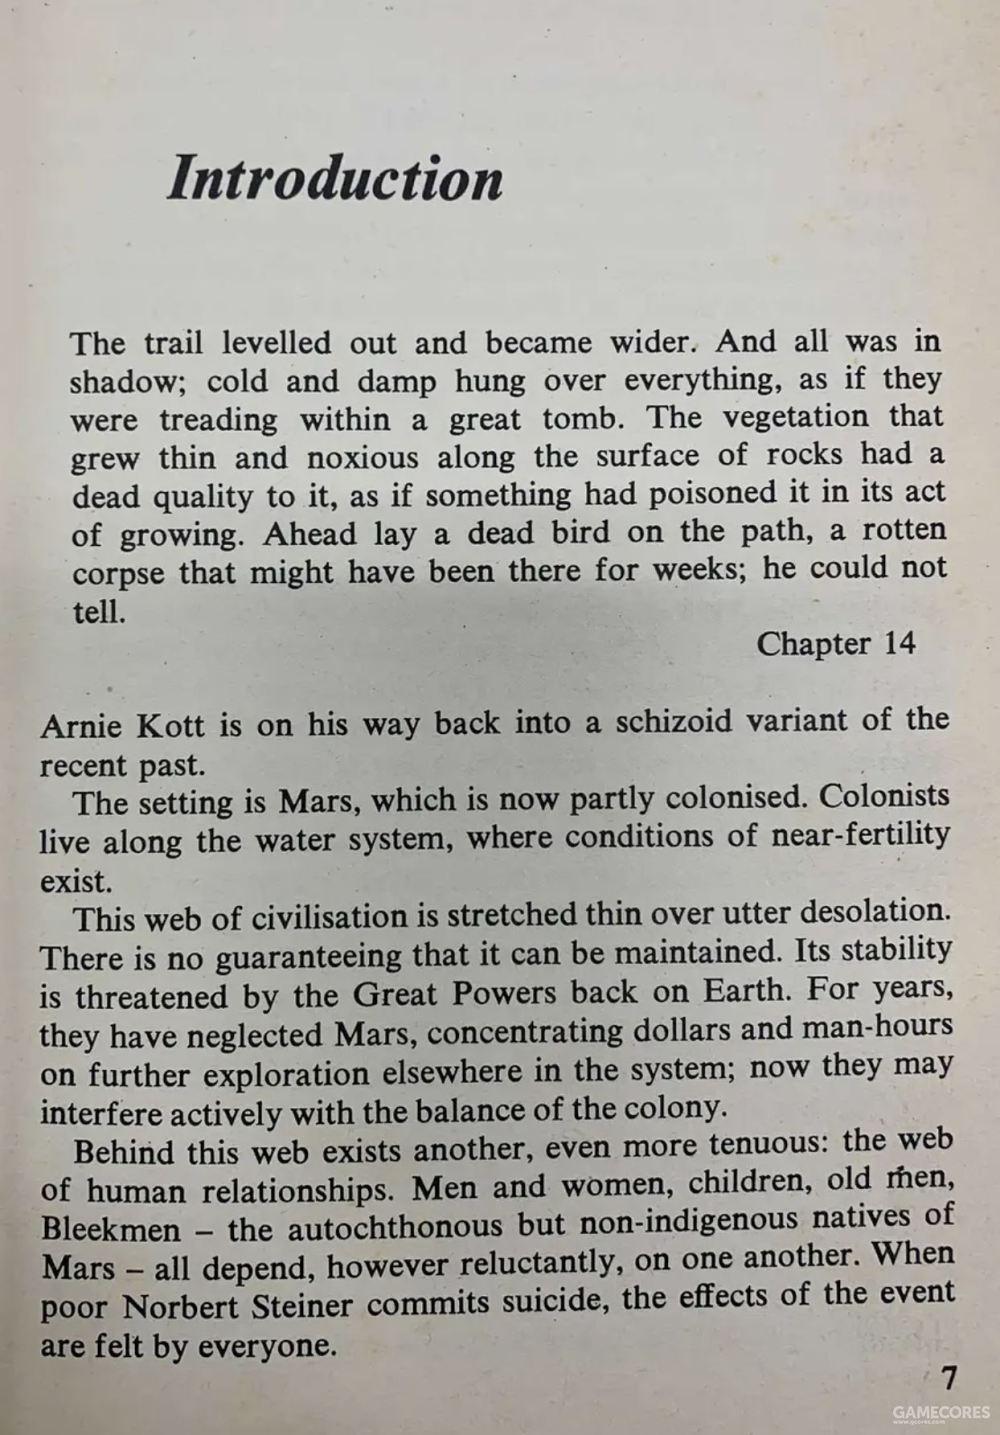 科幻作家Brian W. Aldiss所写的序言,此文同时发表在SF Study杂志1975.3期,名为《Dick's Maledictory Web: About and Around Martian Time-Slip》